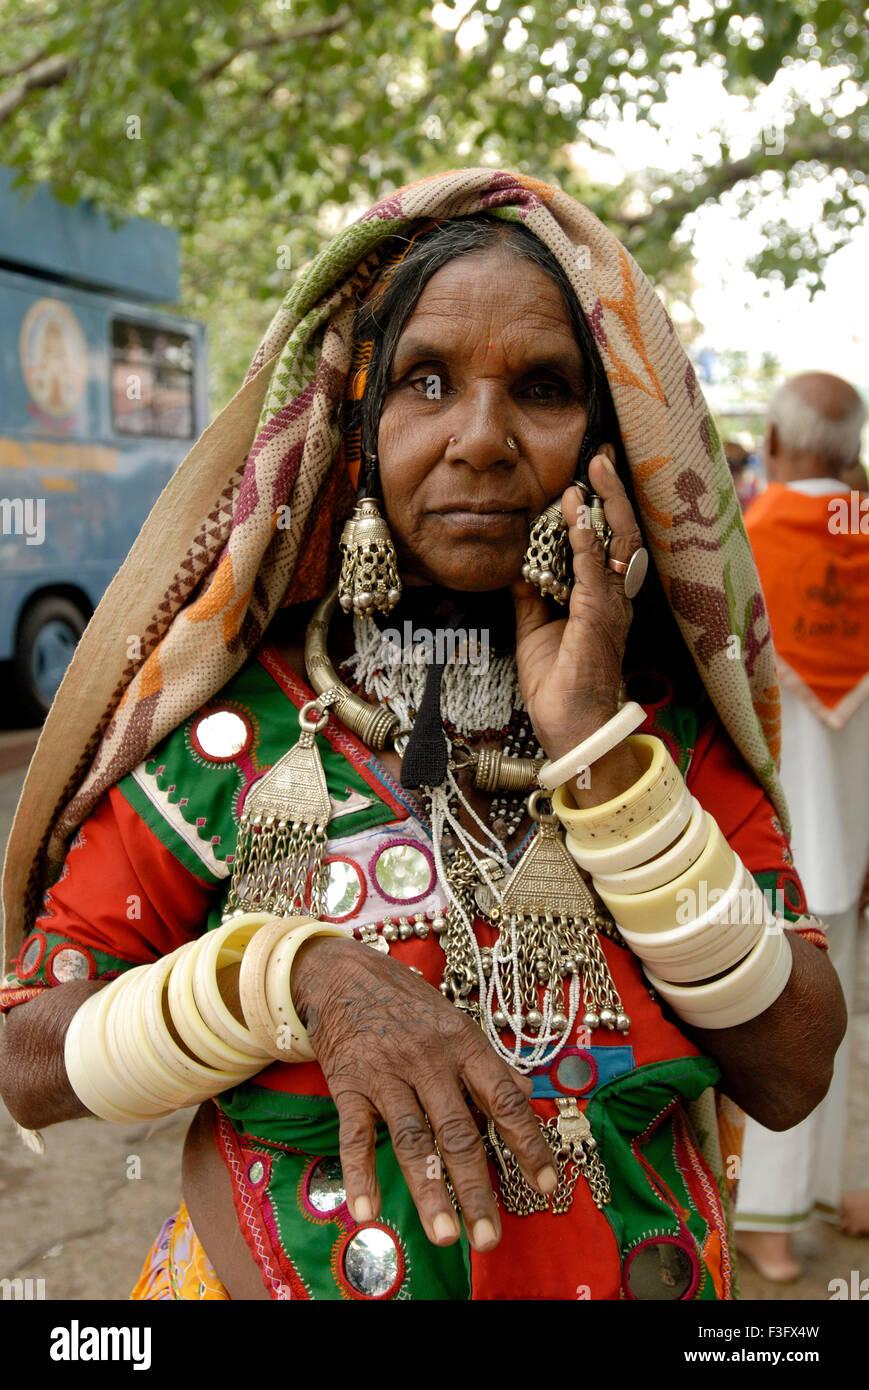 A Banjara woman (among the most richly attired of the nomadic community) at Tirumalai ; Andhra Pradesh ; India - Stock Image